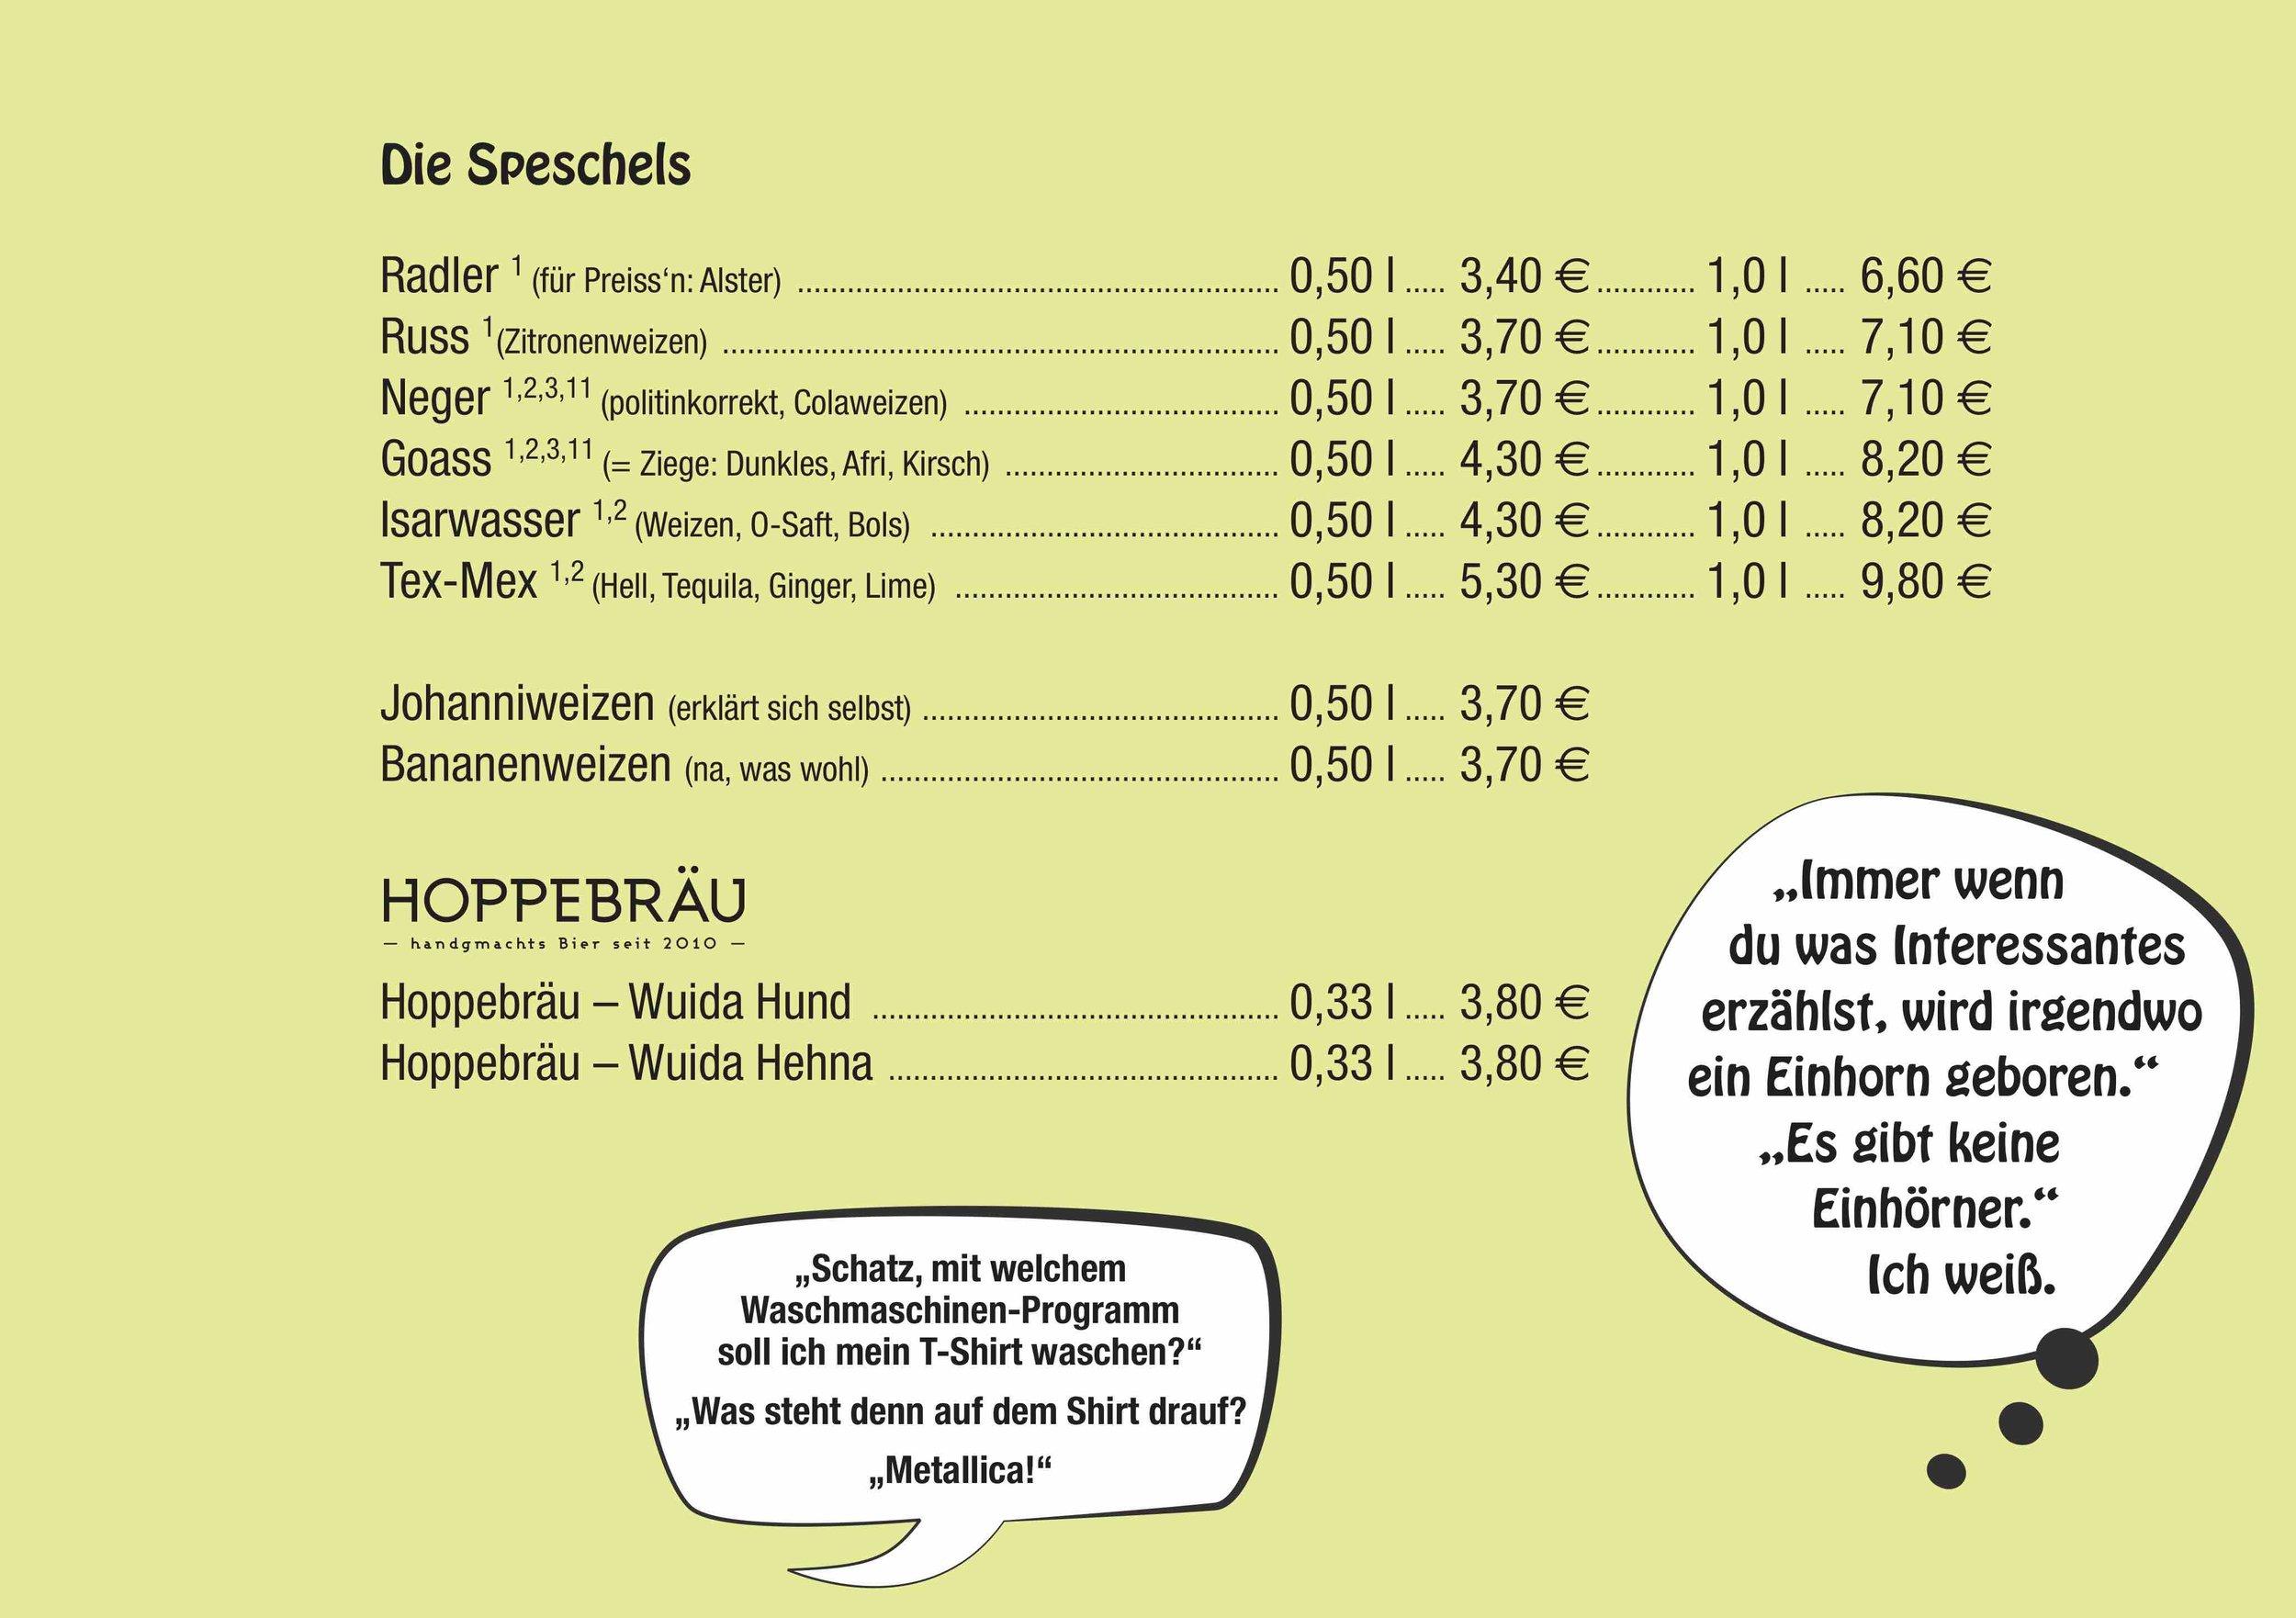 Kesselhaus_Bad_Tölz_Speisekarte_Die_Speschels.jpg